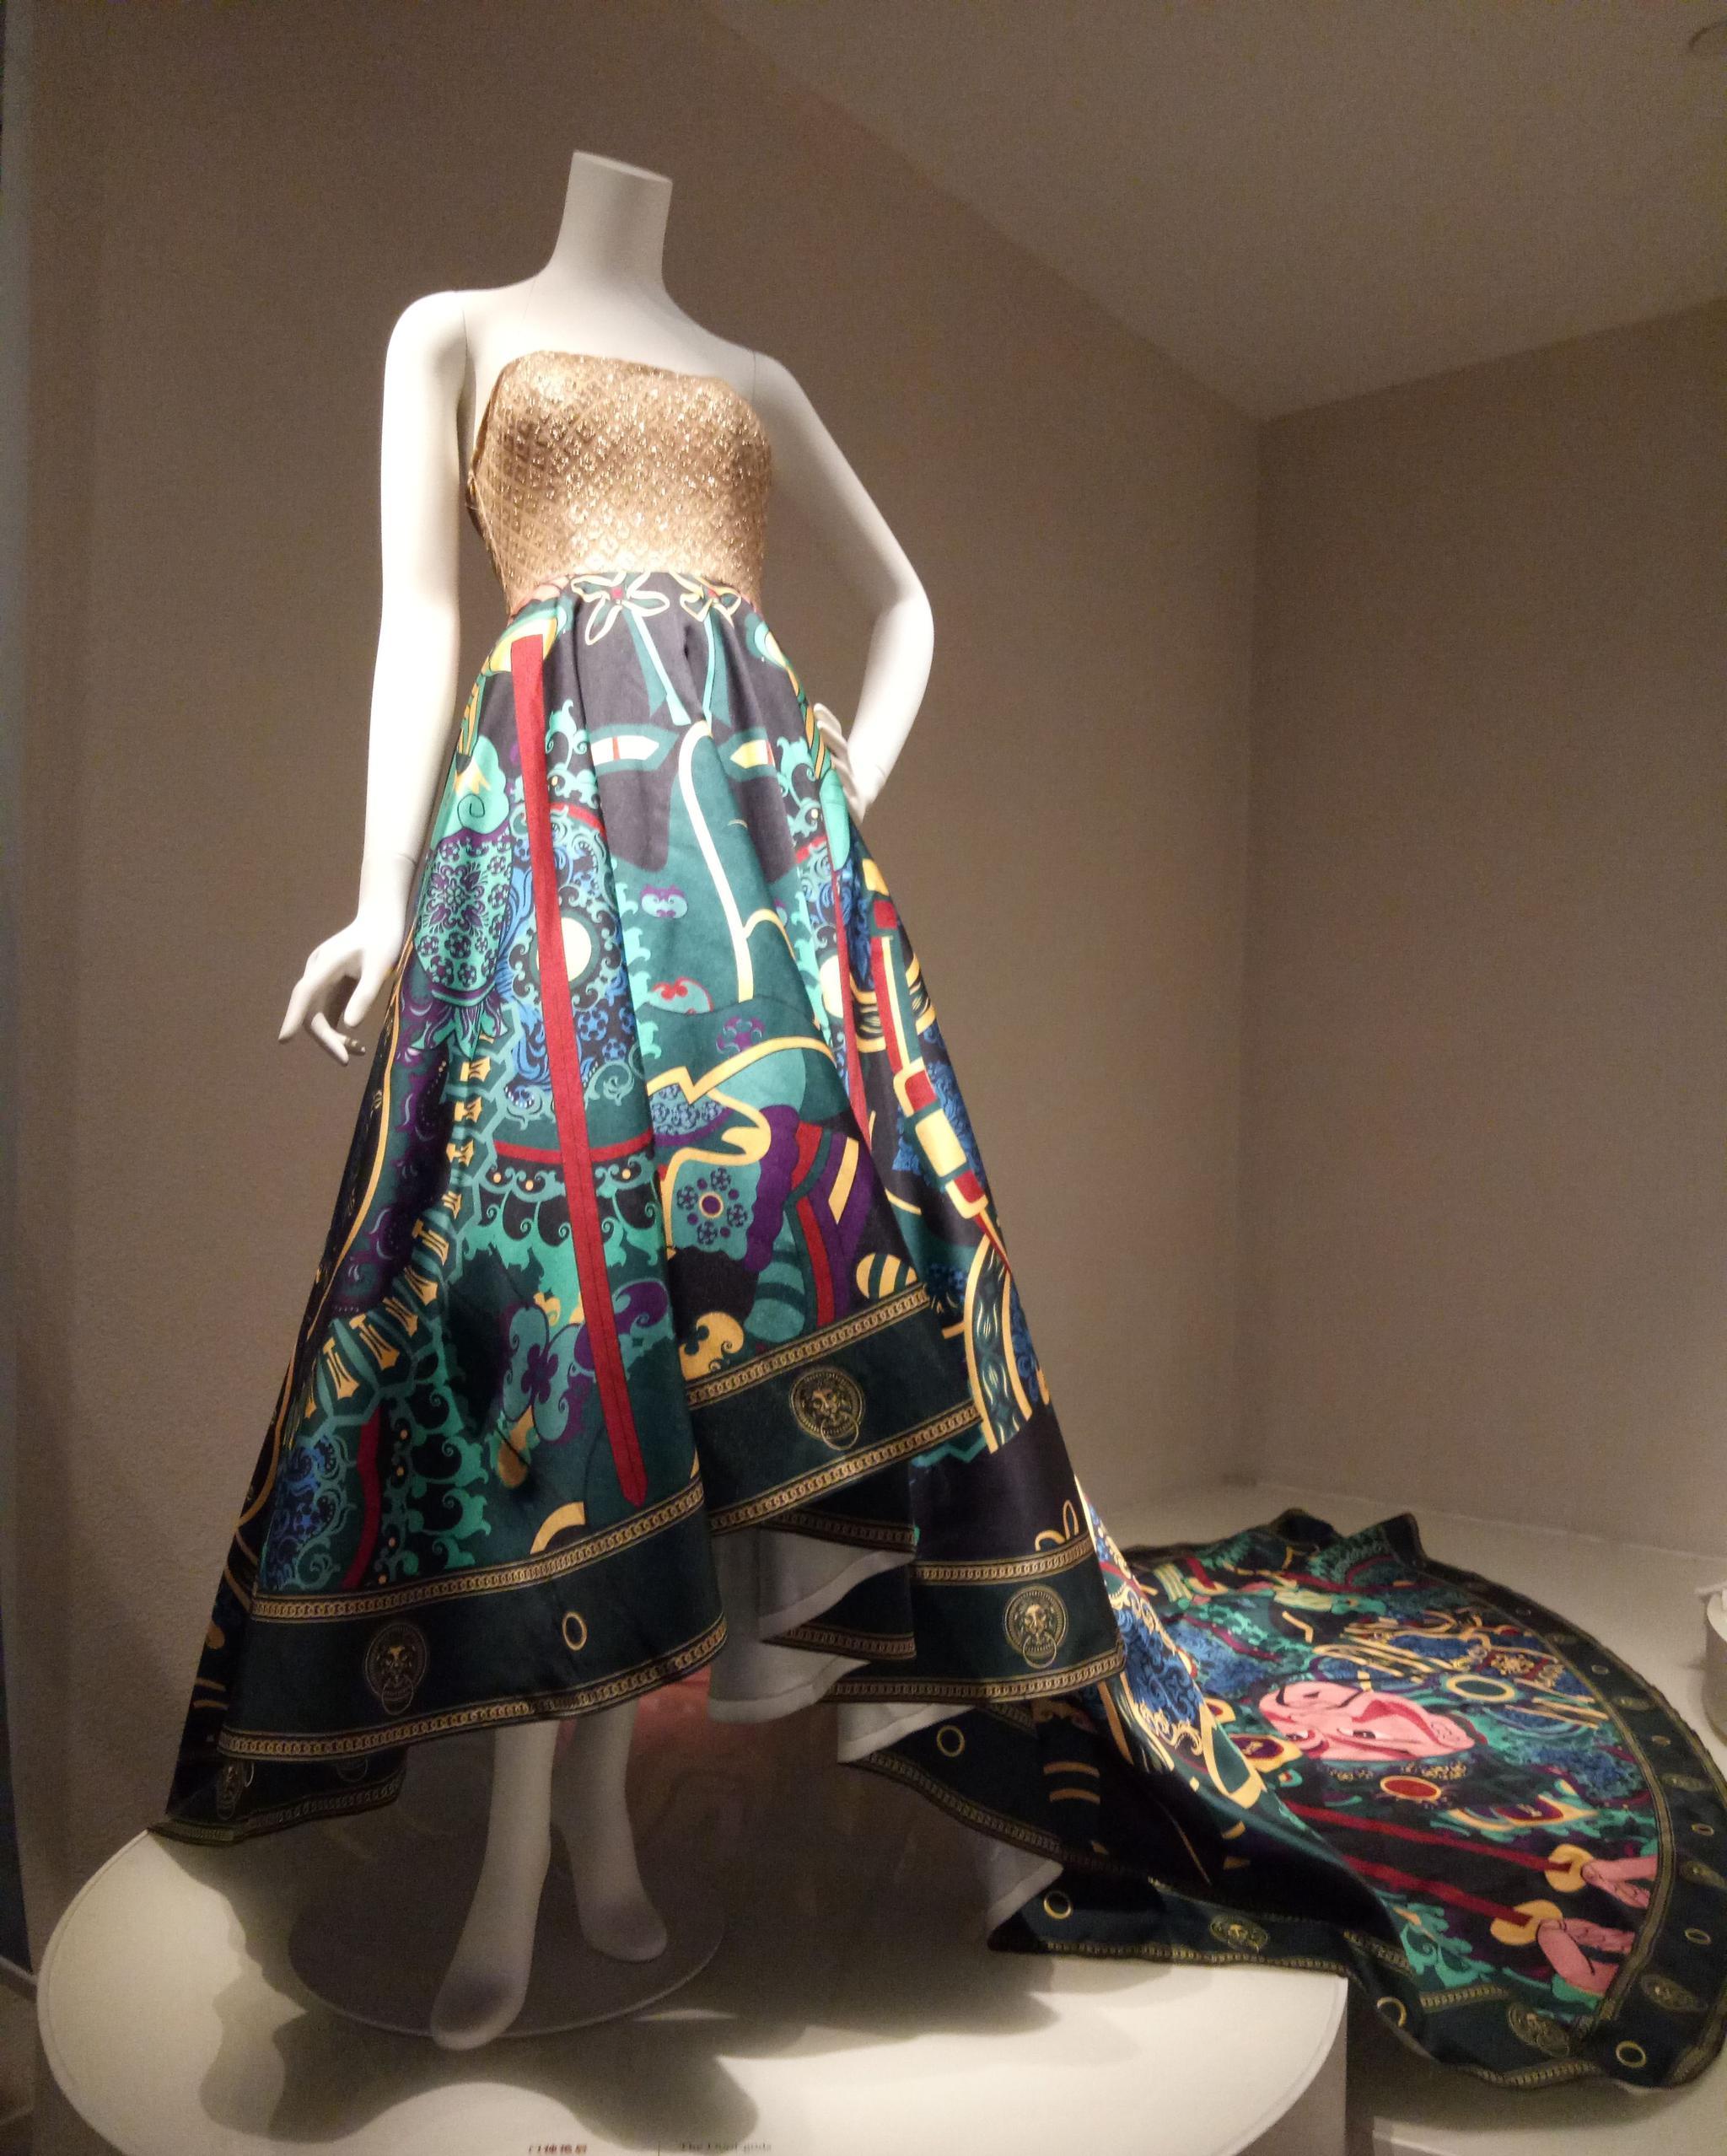 灵魂出窍的盛宴!丝绸博物馆设计师大展